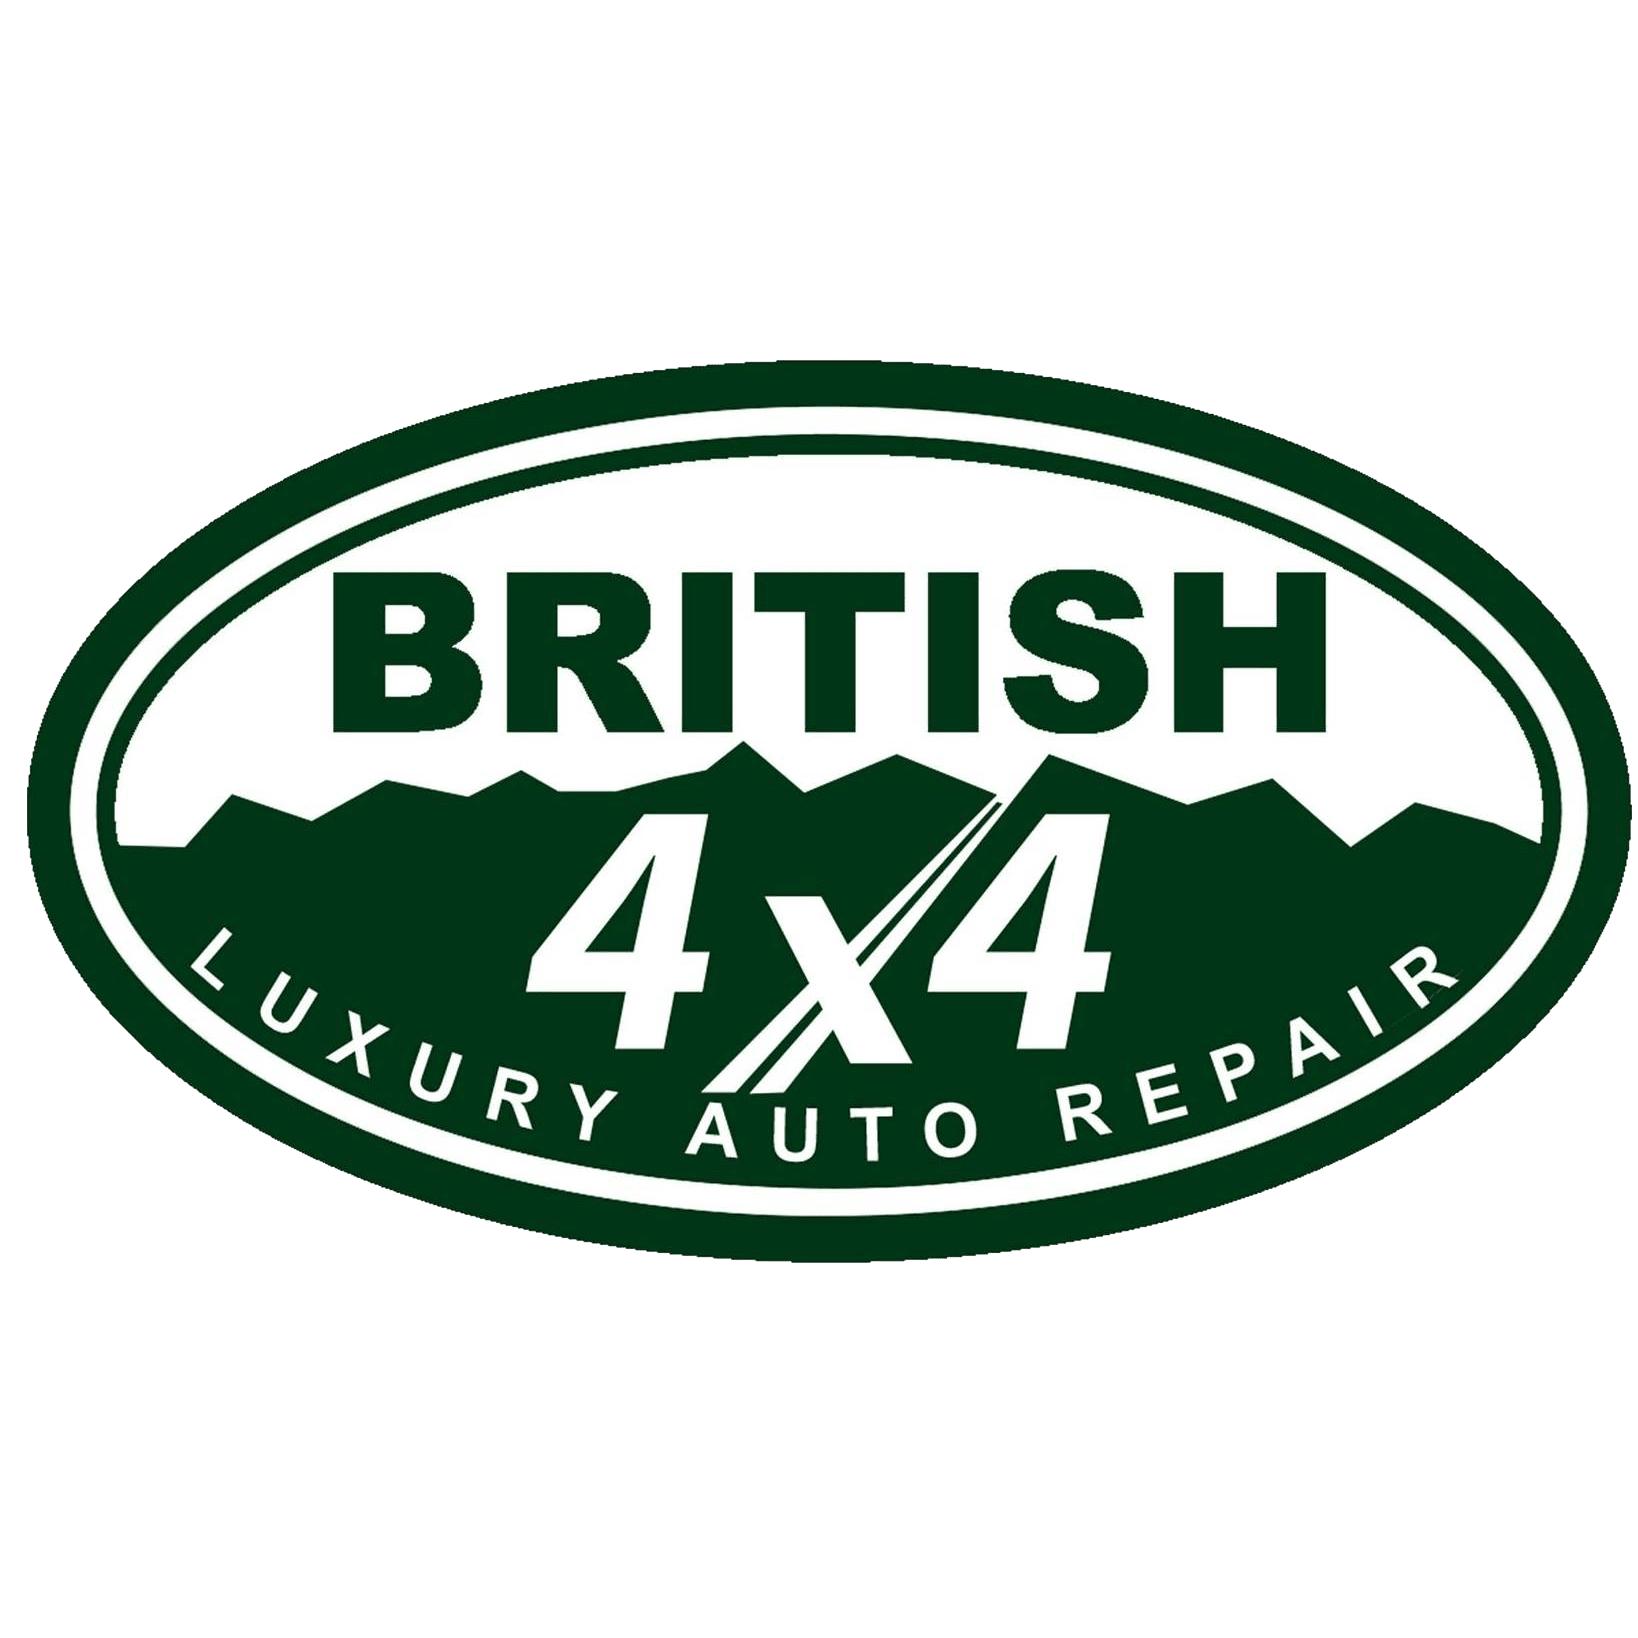 British 4x4 Luxury Auto Repair - Mission Viejo, CA - General Auto Repair & Service